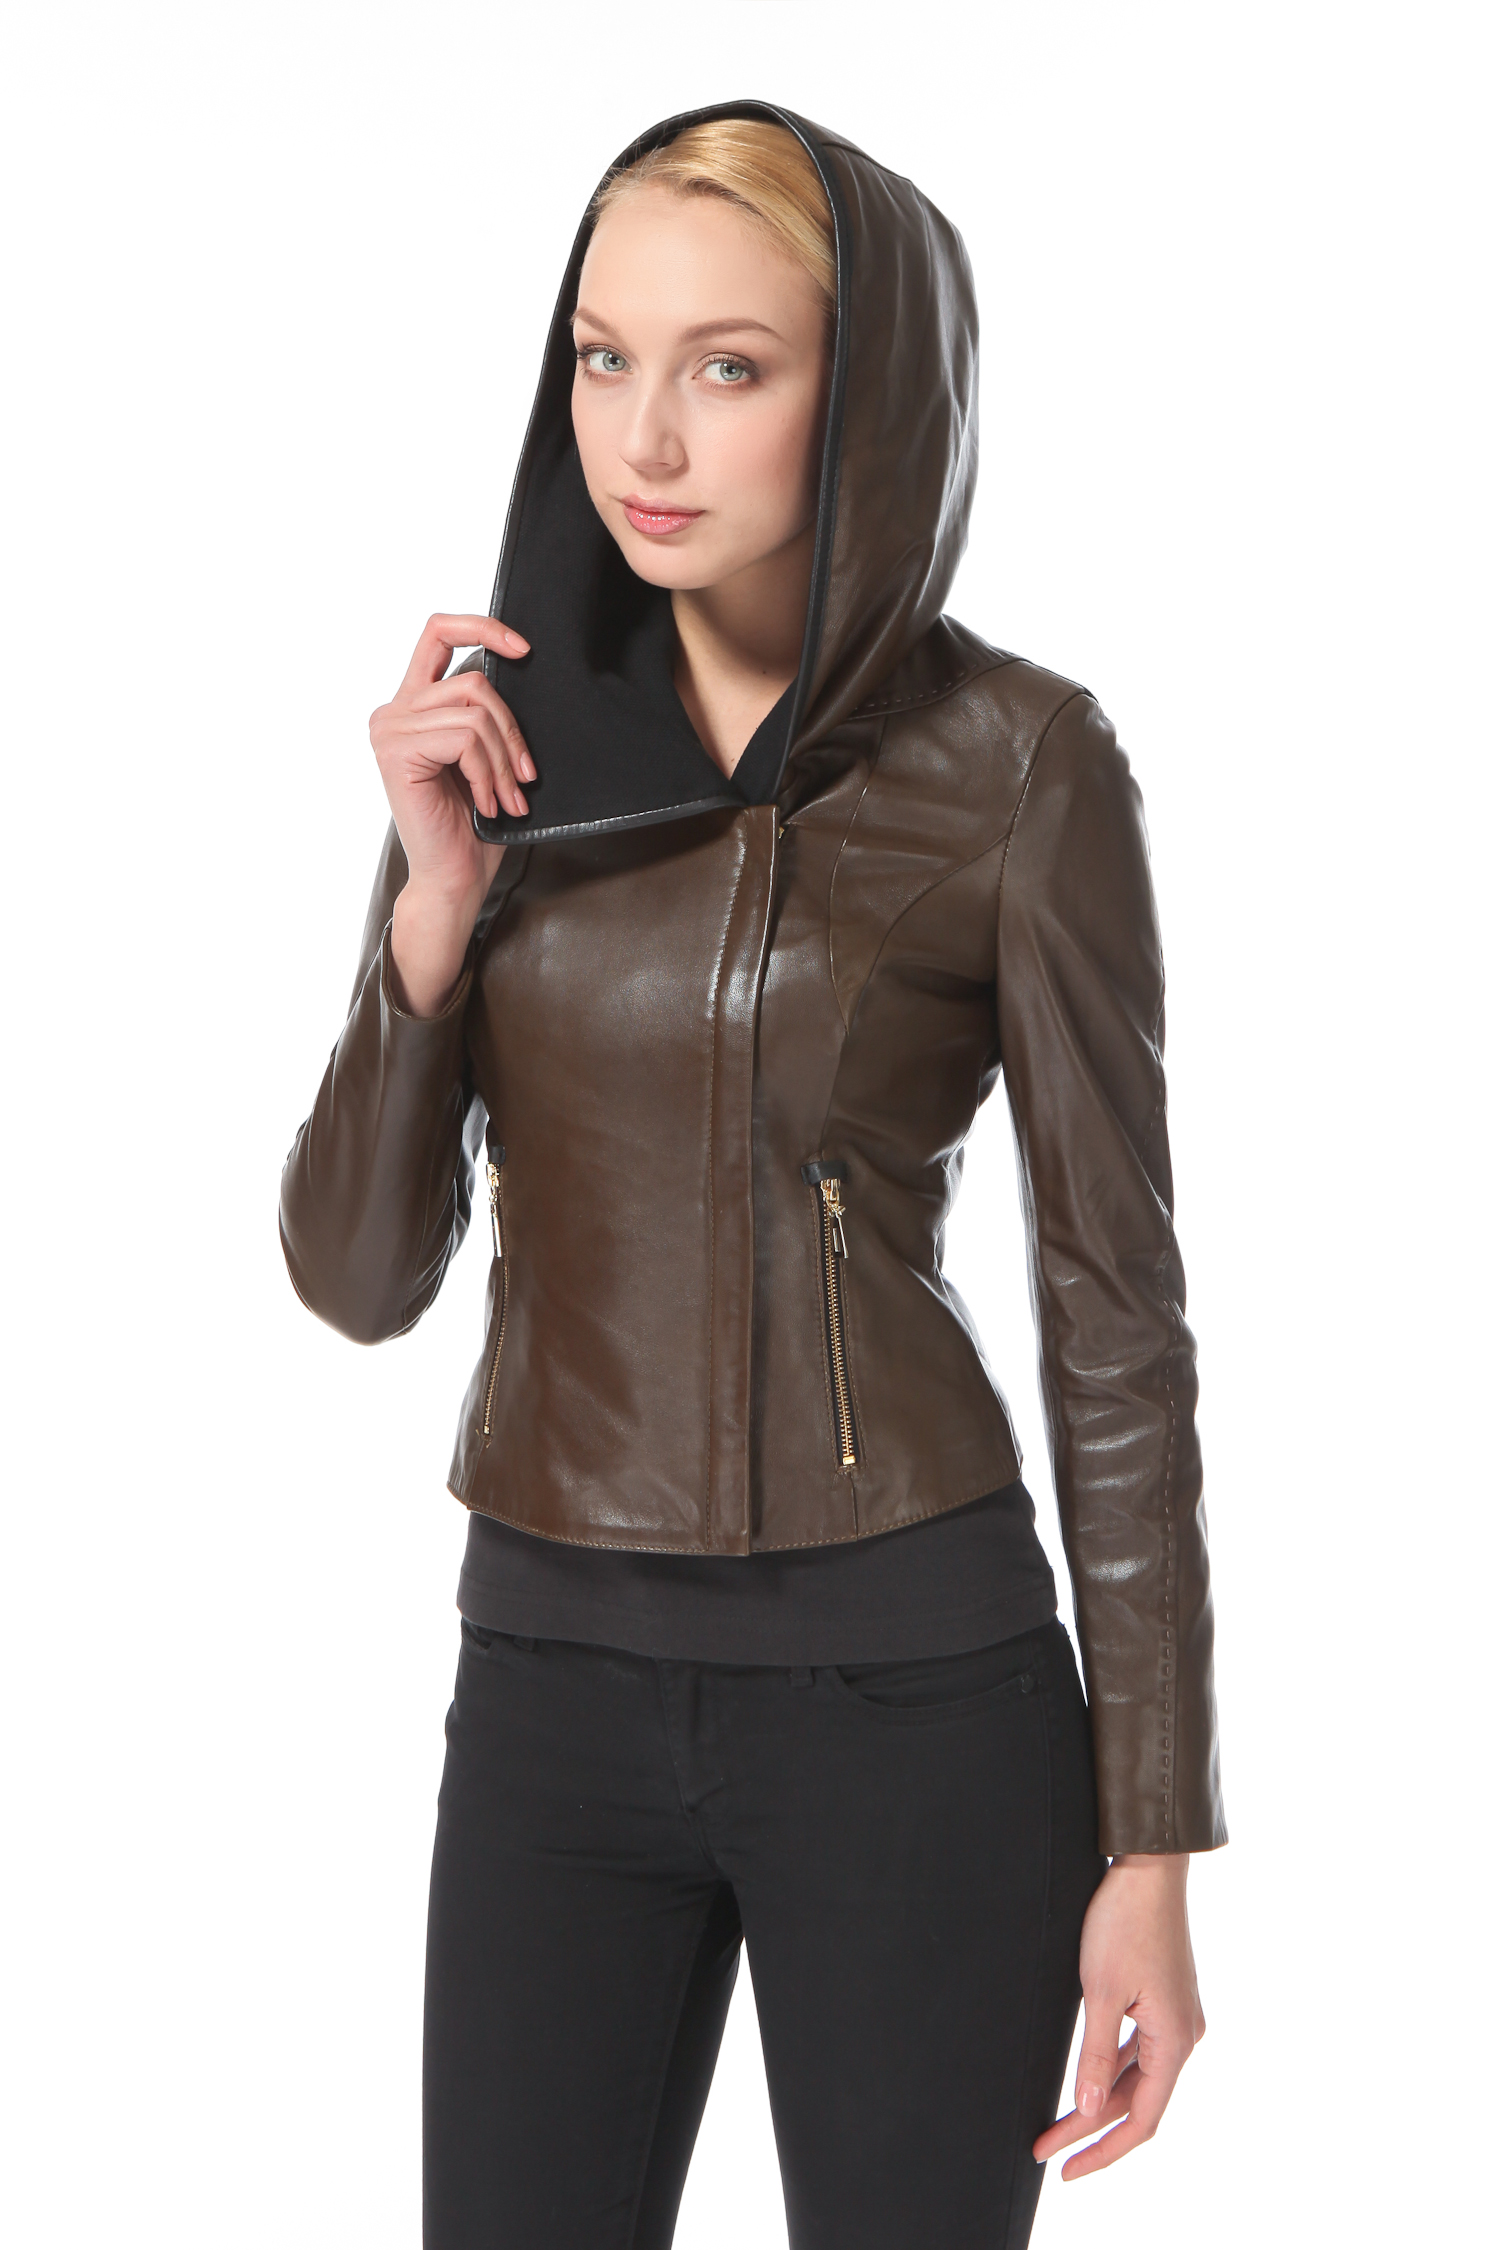 Женская кожаная куртка из натуральной кожи с воротником, без отделкиЦвет – лесной орех.Стильная модель «косуха» с золотистой фурнитурой, так актуальной в предстоящем сезоне, станет яркой и эффектной деталью вашего образа. Глубокий капюшон с контрастной подкладкой, успешно заменяющий головной убор, декор, напоминающий ручной стежок, элегантная планка, скрывающая молнию застежки, - все это неотъемлемые достоинства данной модели. Изделие позволит составлять всевозможные сочетания с юбками мини или макси, различными фасонами брюк и бриджей, джинсами, шортами и даже легинсами. Такая куртка — идеальный выбор для молодых женщин, знающих толк в стильных и достаточно универсальных вещах.<br><br>Длина см: 50<br>Материал: Натуральная кожа<br>Цвет: Коричневый<br>Пол: Женский